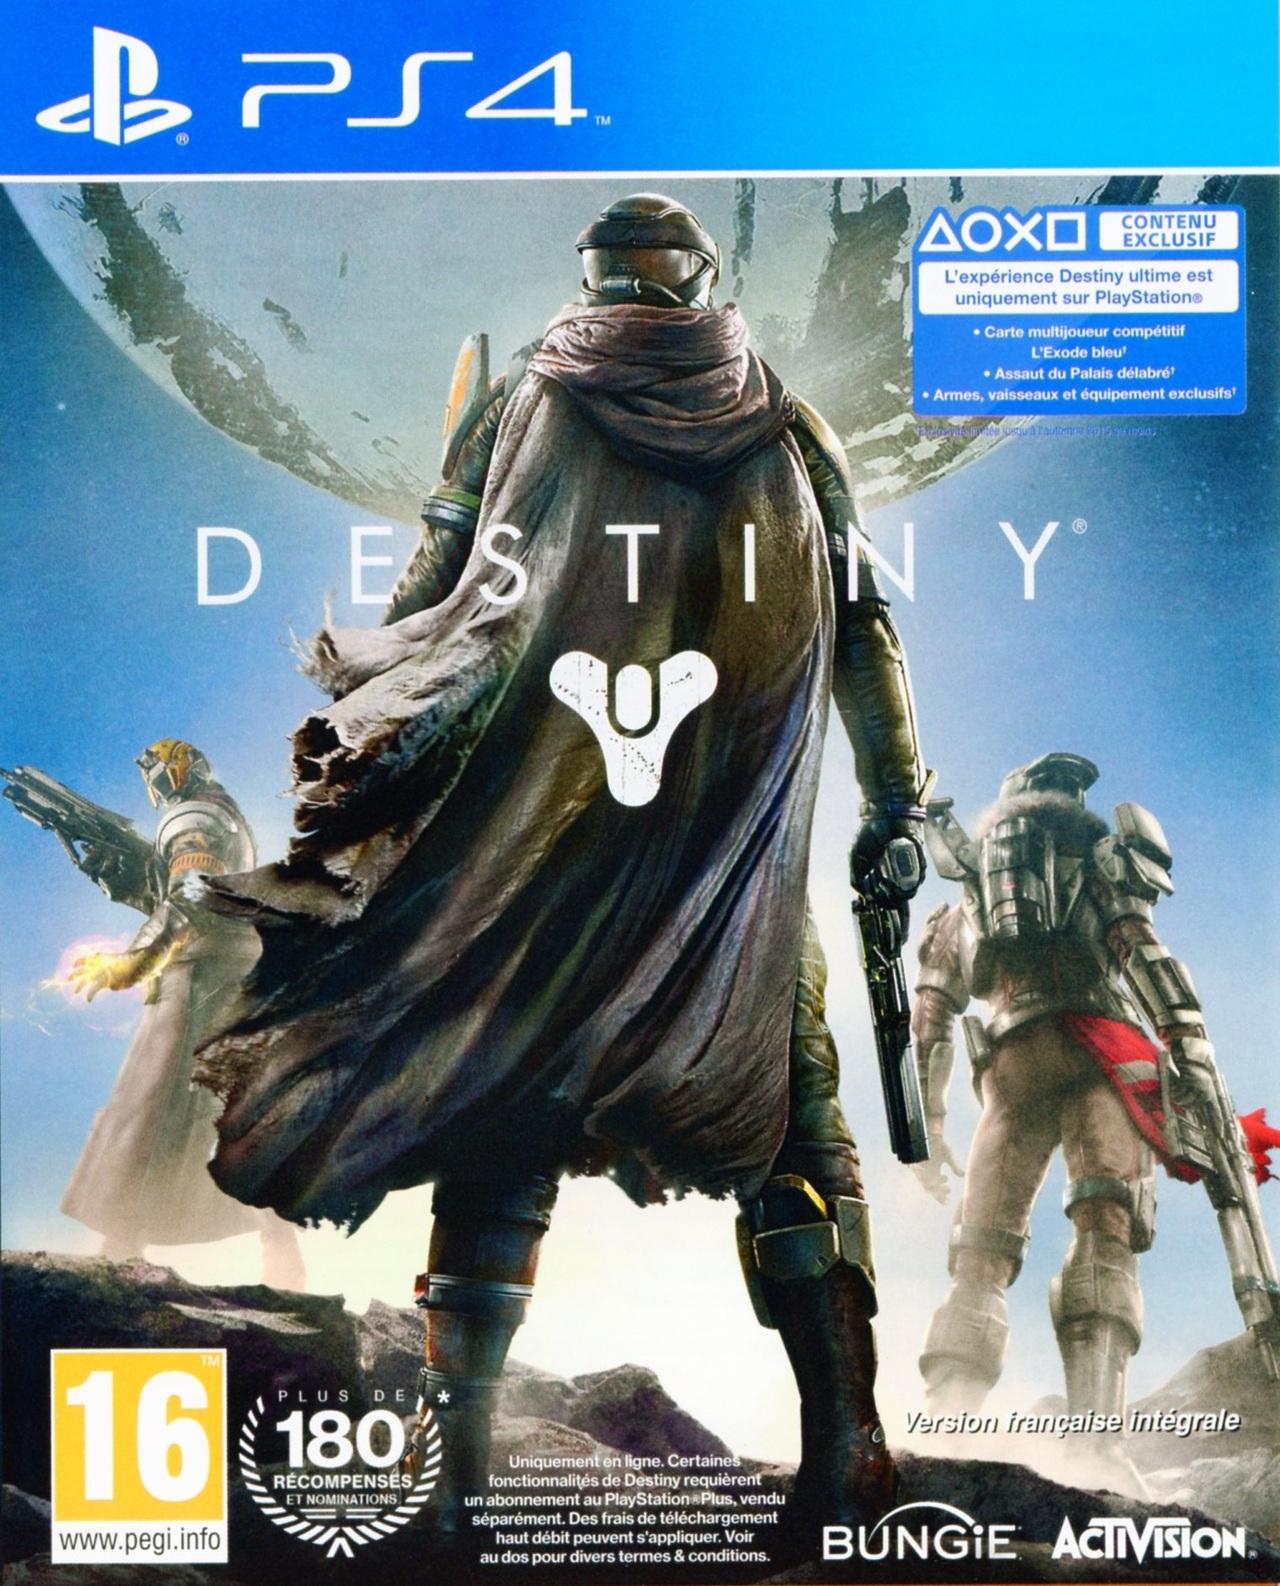 Jeux vid o destiny playstation 4 ps4 d 39 occasion - Jeux en ligne ps4 ...